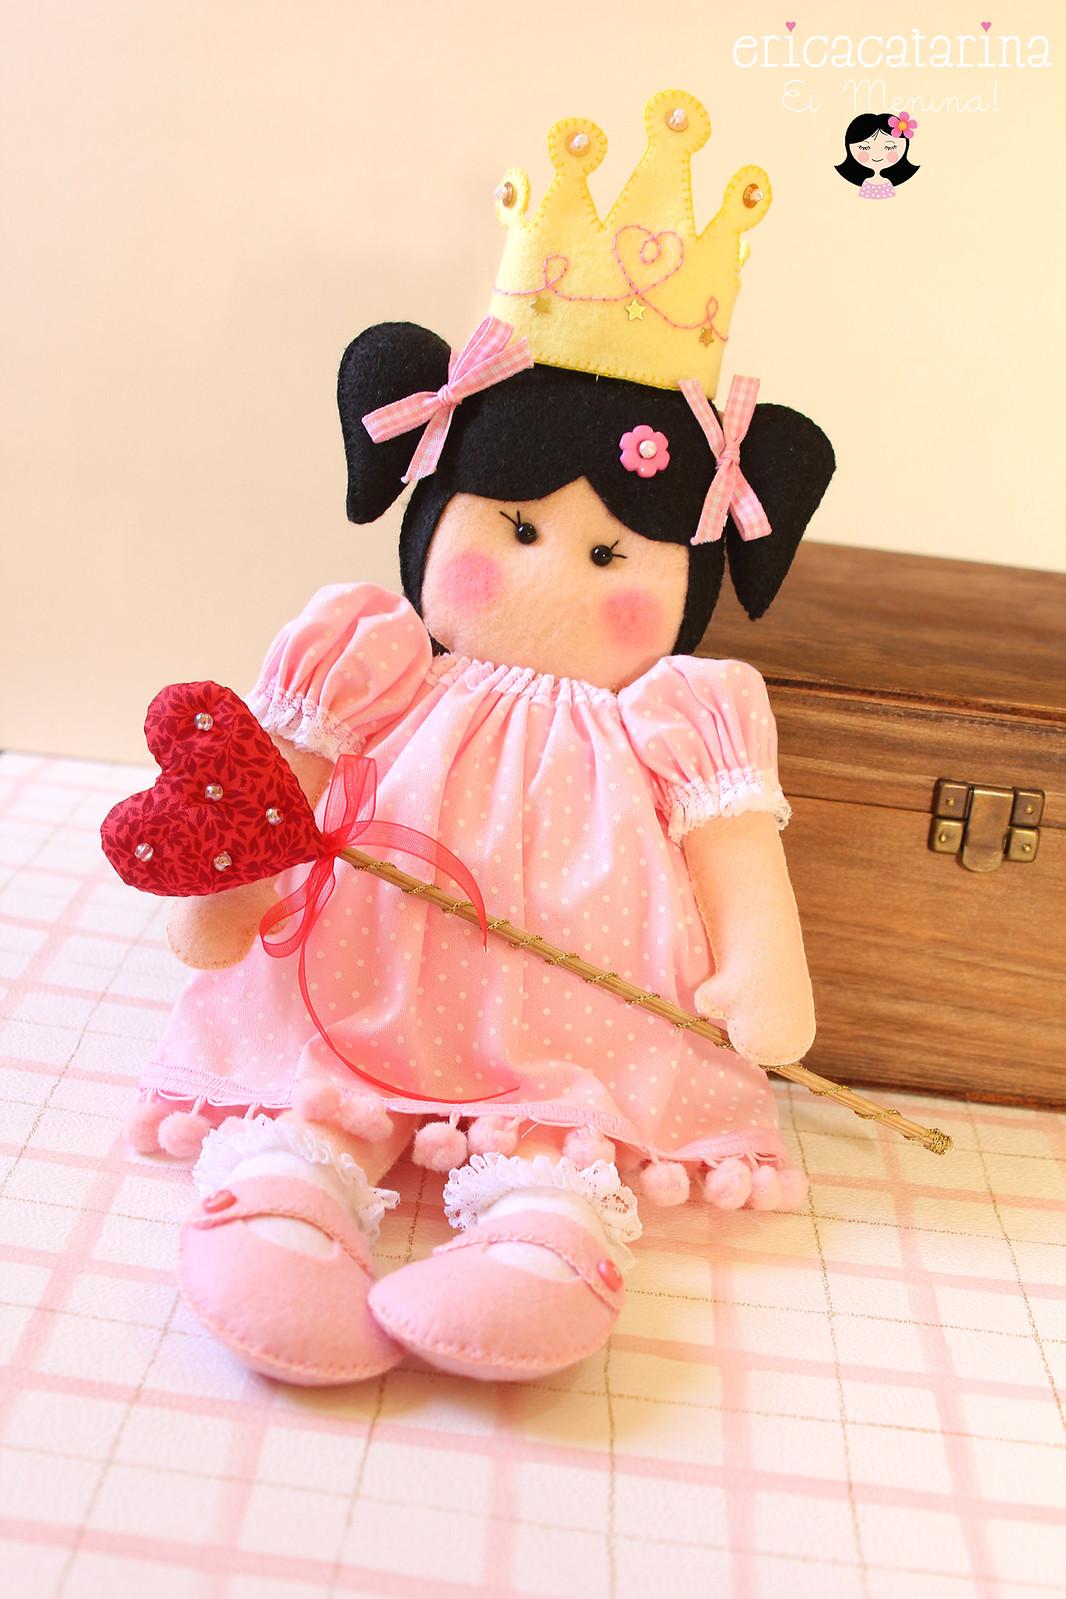 Medida Da Boneca Princesa  31cm  Sem A Coroa